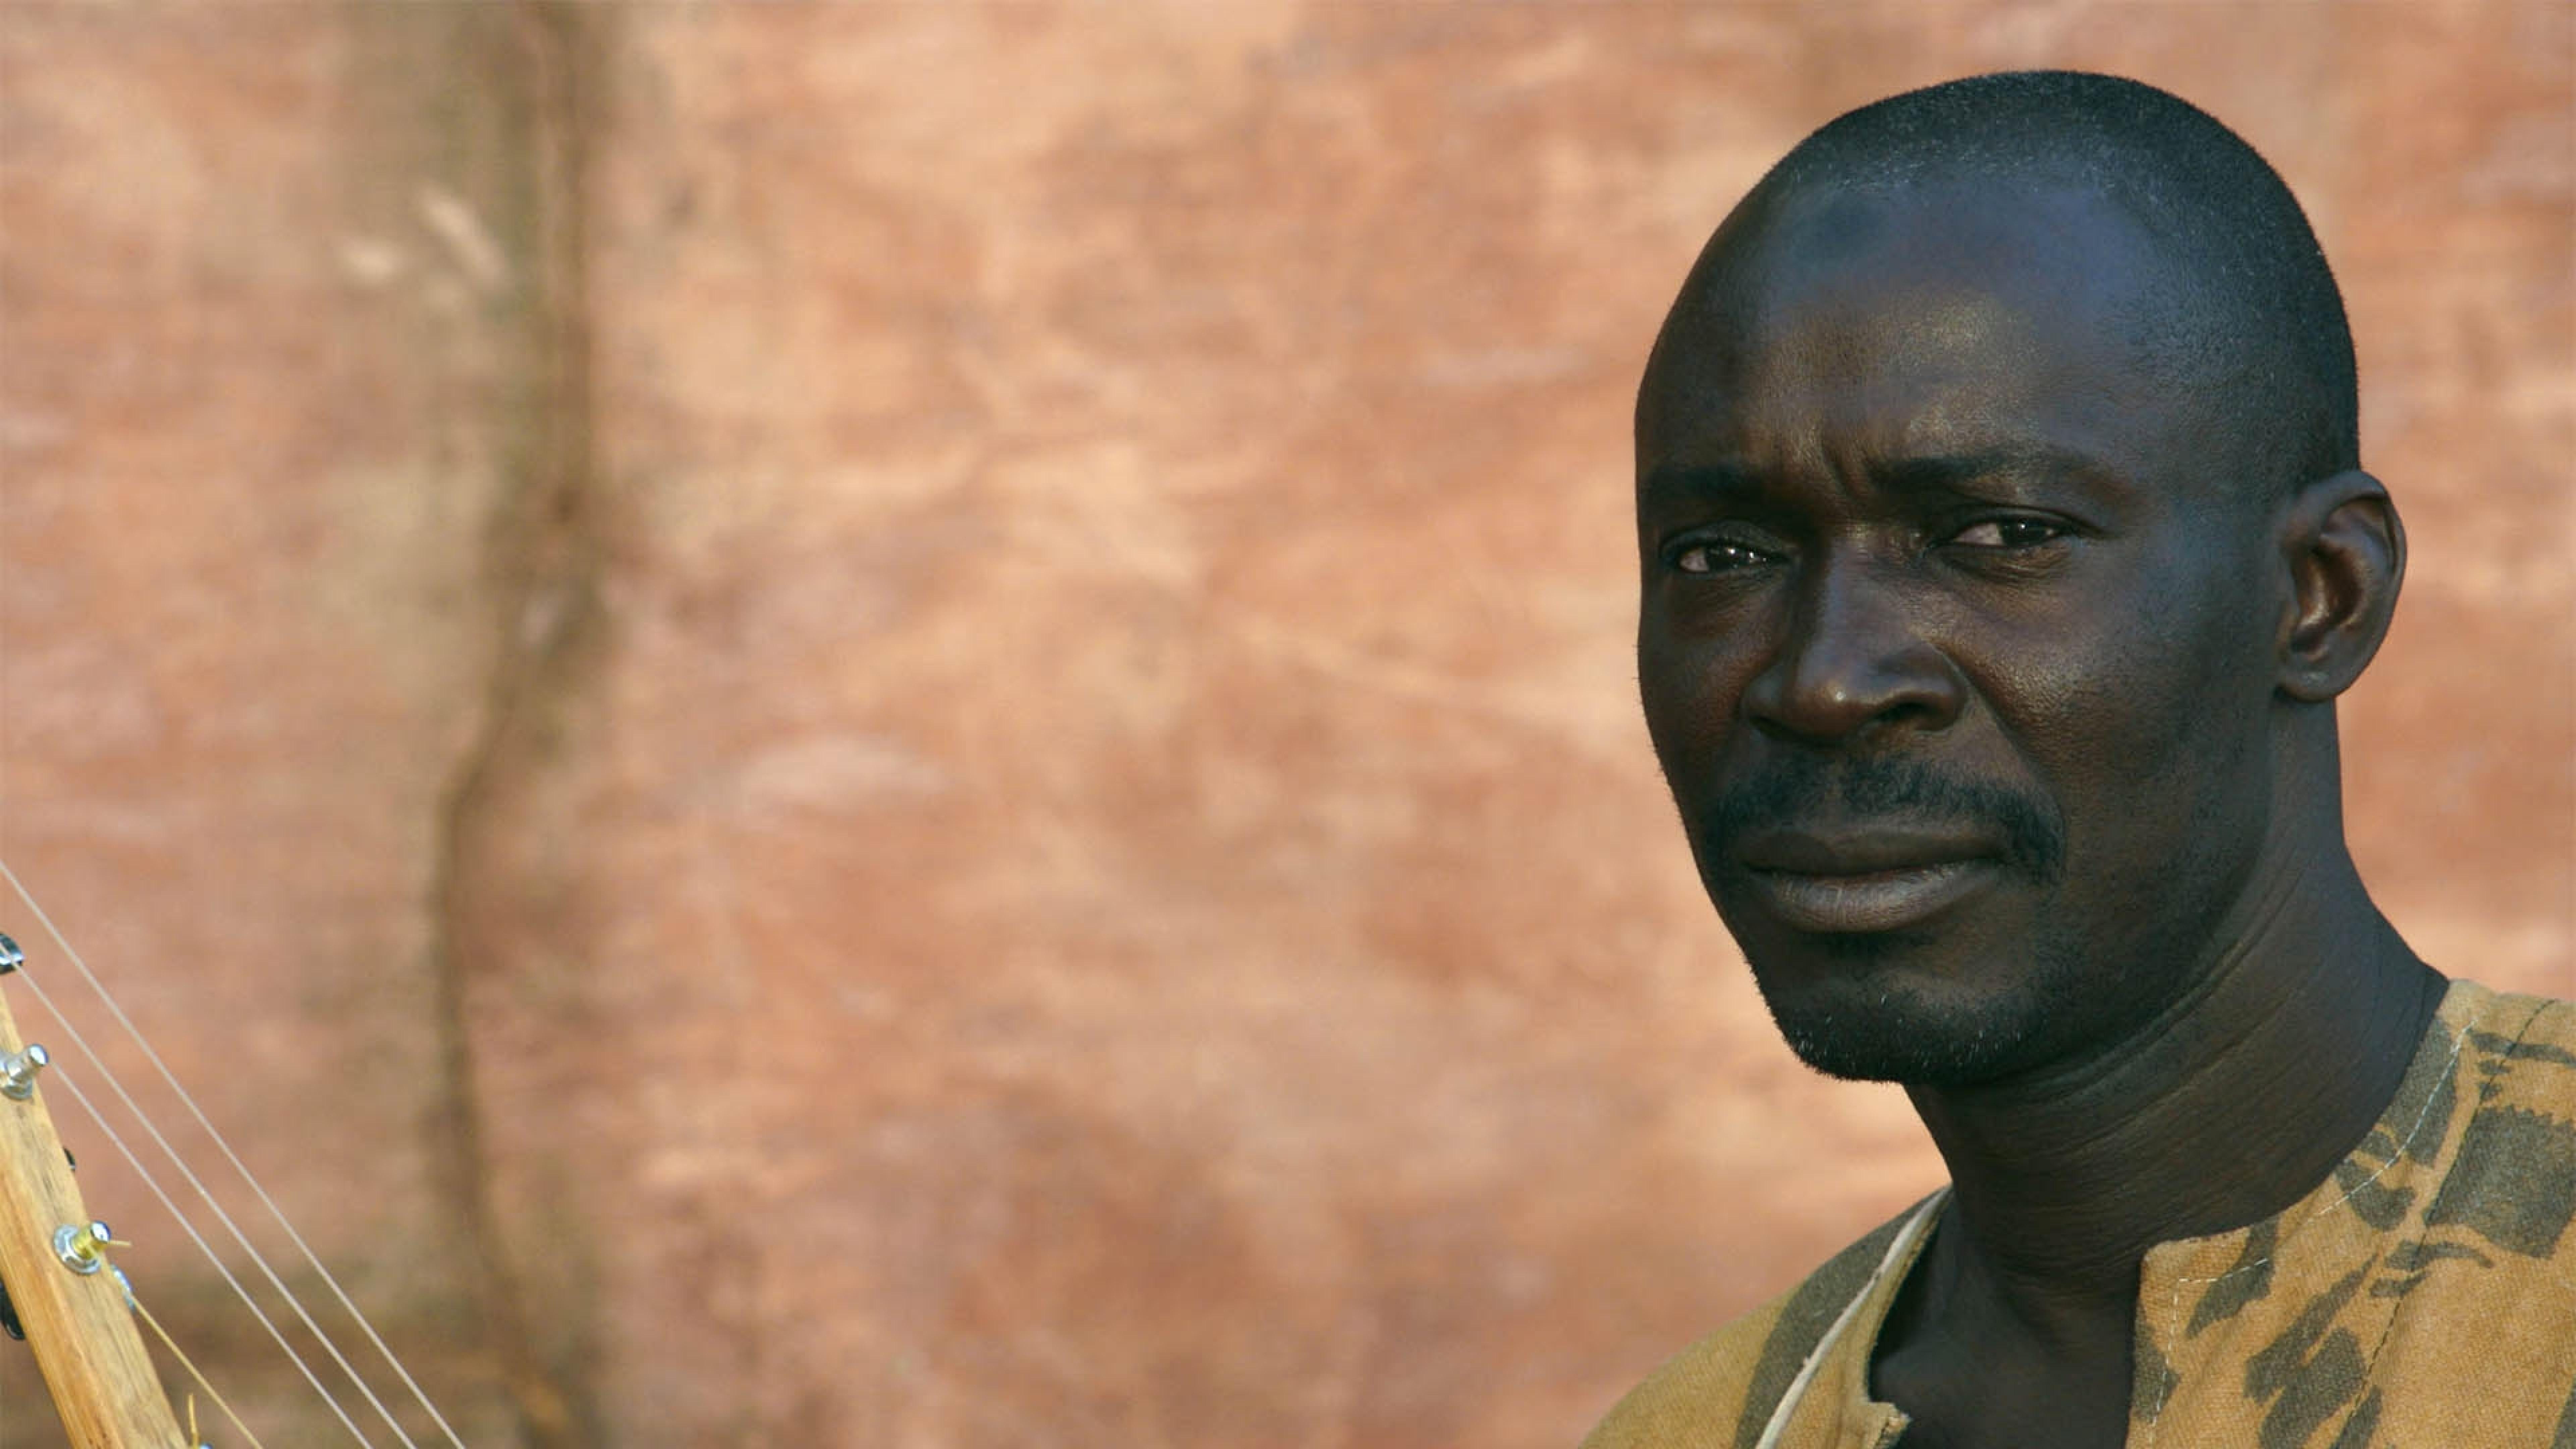 Картинка: Мужчина, африканец, Issa Bagayogo, взгляд, усы, инструмент